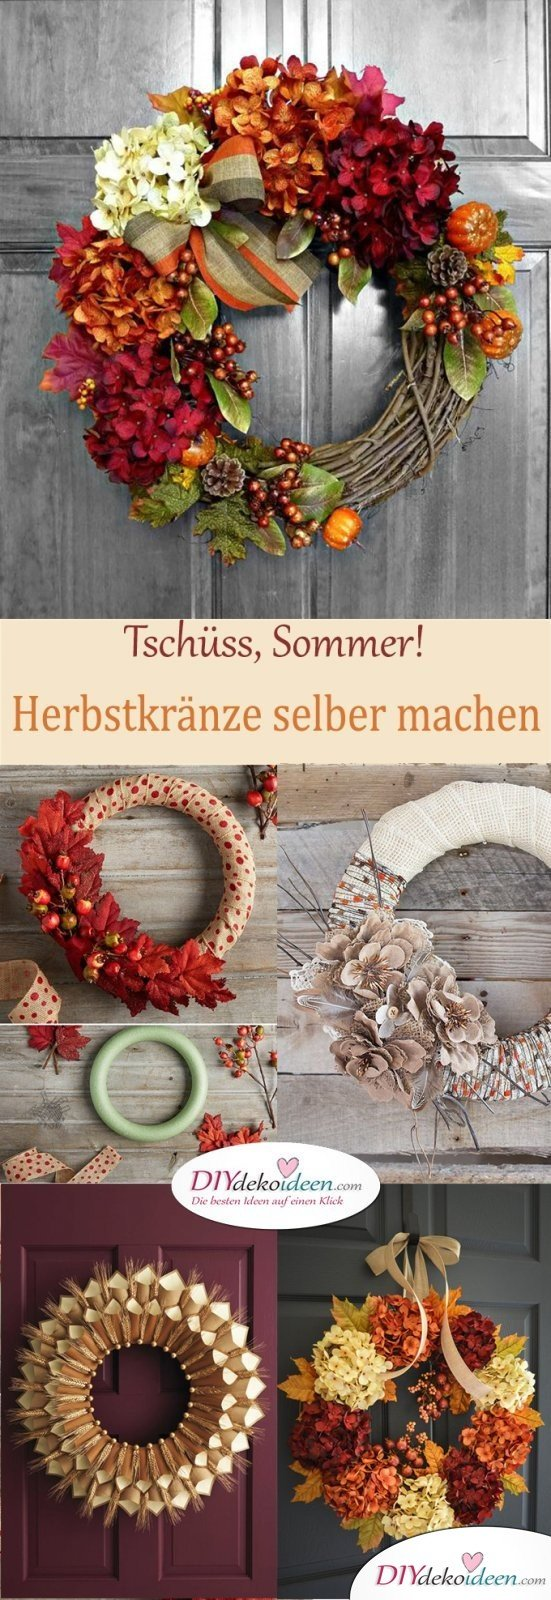 Herbstkränze selber machen zum Sommerende - 15 DIY Bastelideen